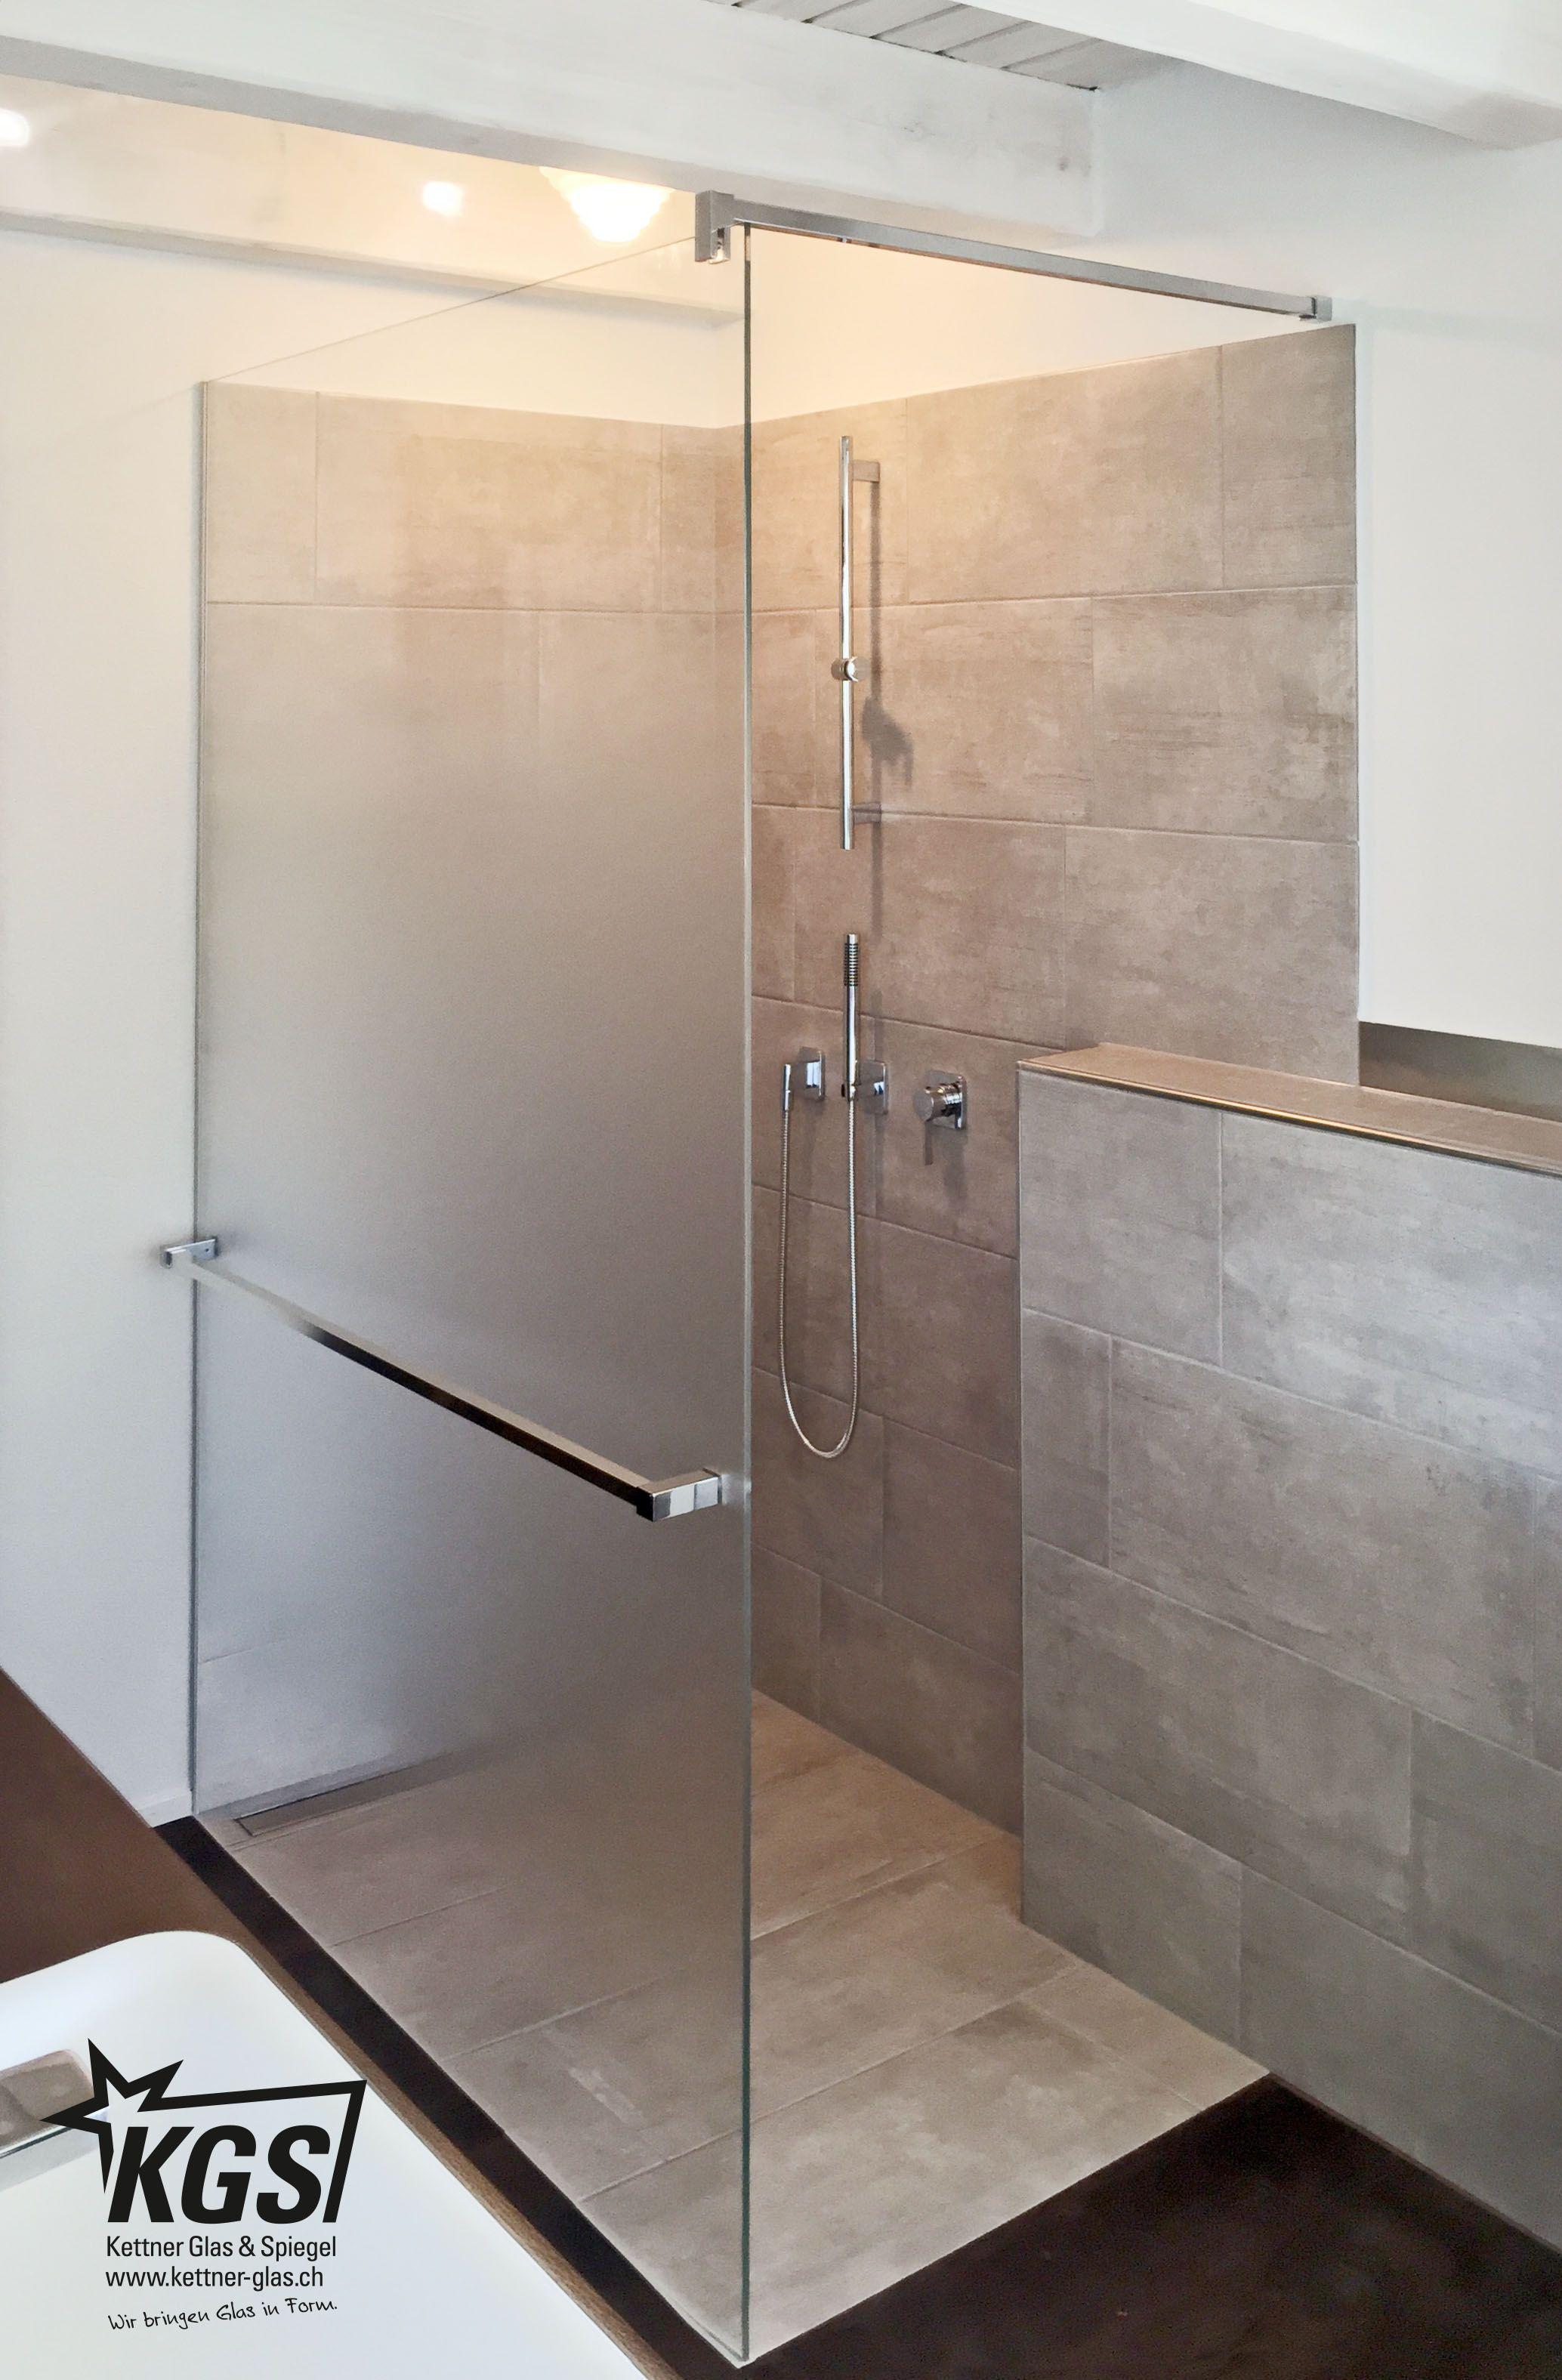 Bathroom Decor Spa Progressiv Getzte Duschtrennwand Mit